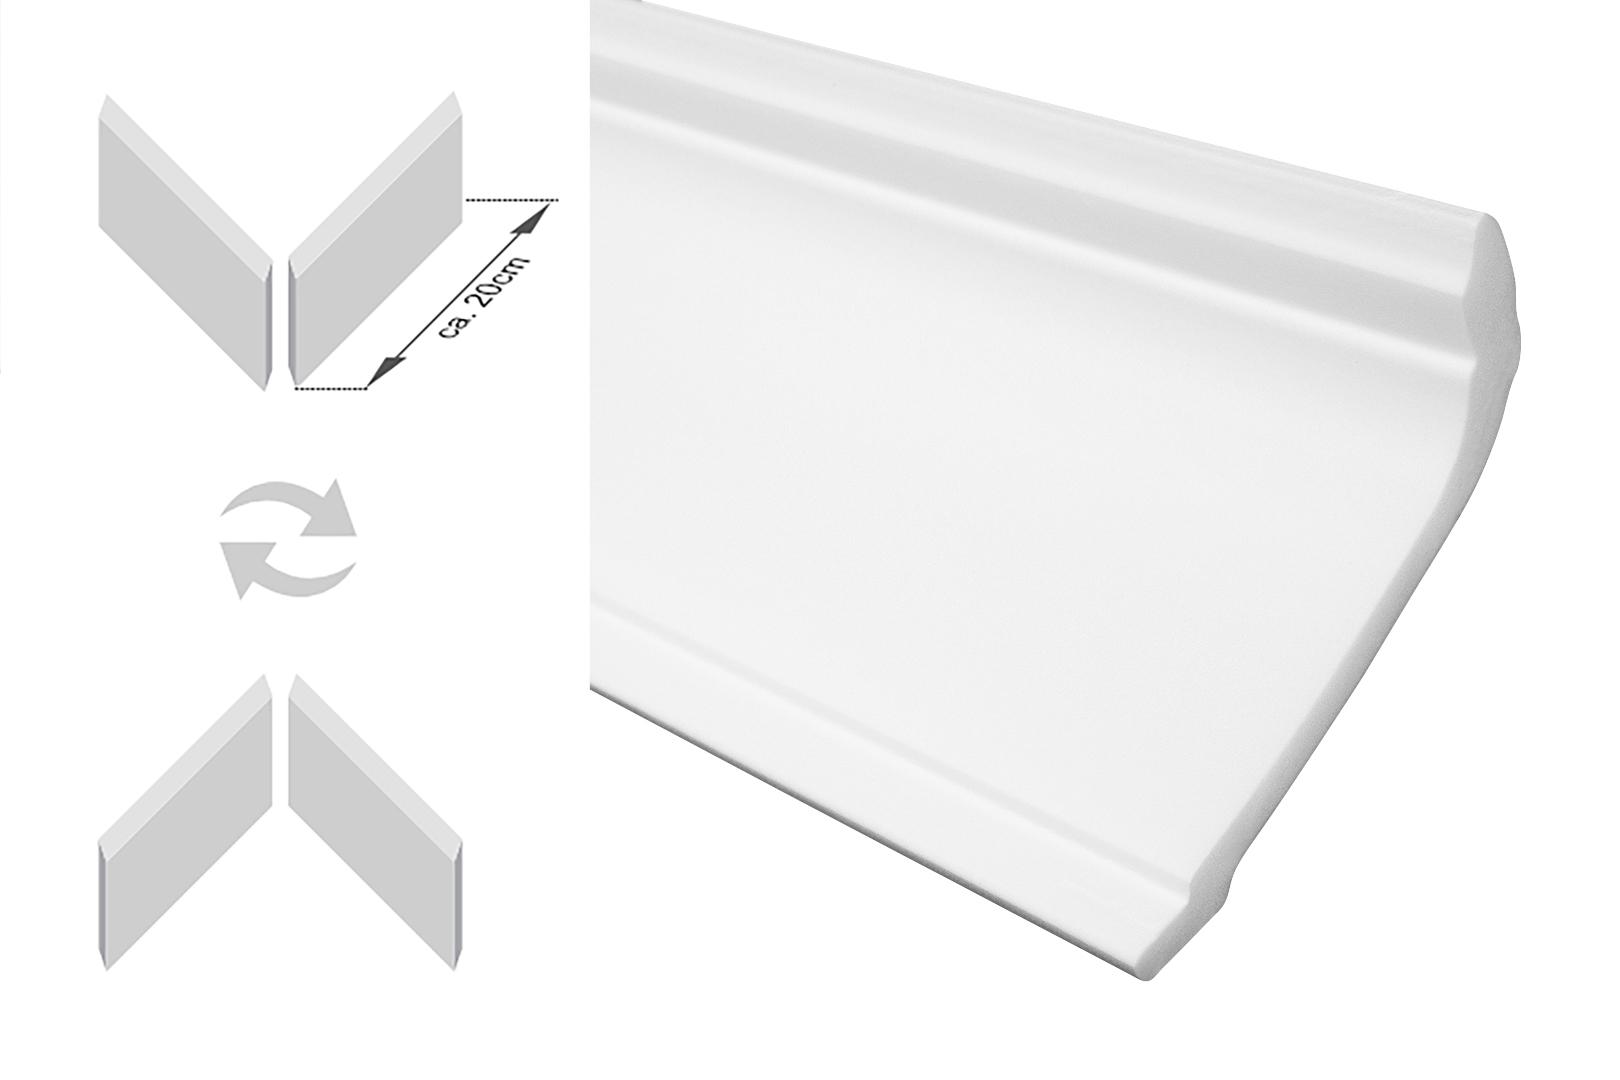 Musterst/ück 20 cm Orac Decor Muster C301 Deckenleiste Eckleiste LUXXUS Profilleiste Stuckleiste Zierleisten Zierprofile